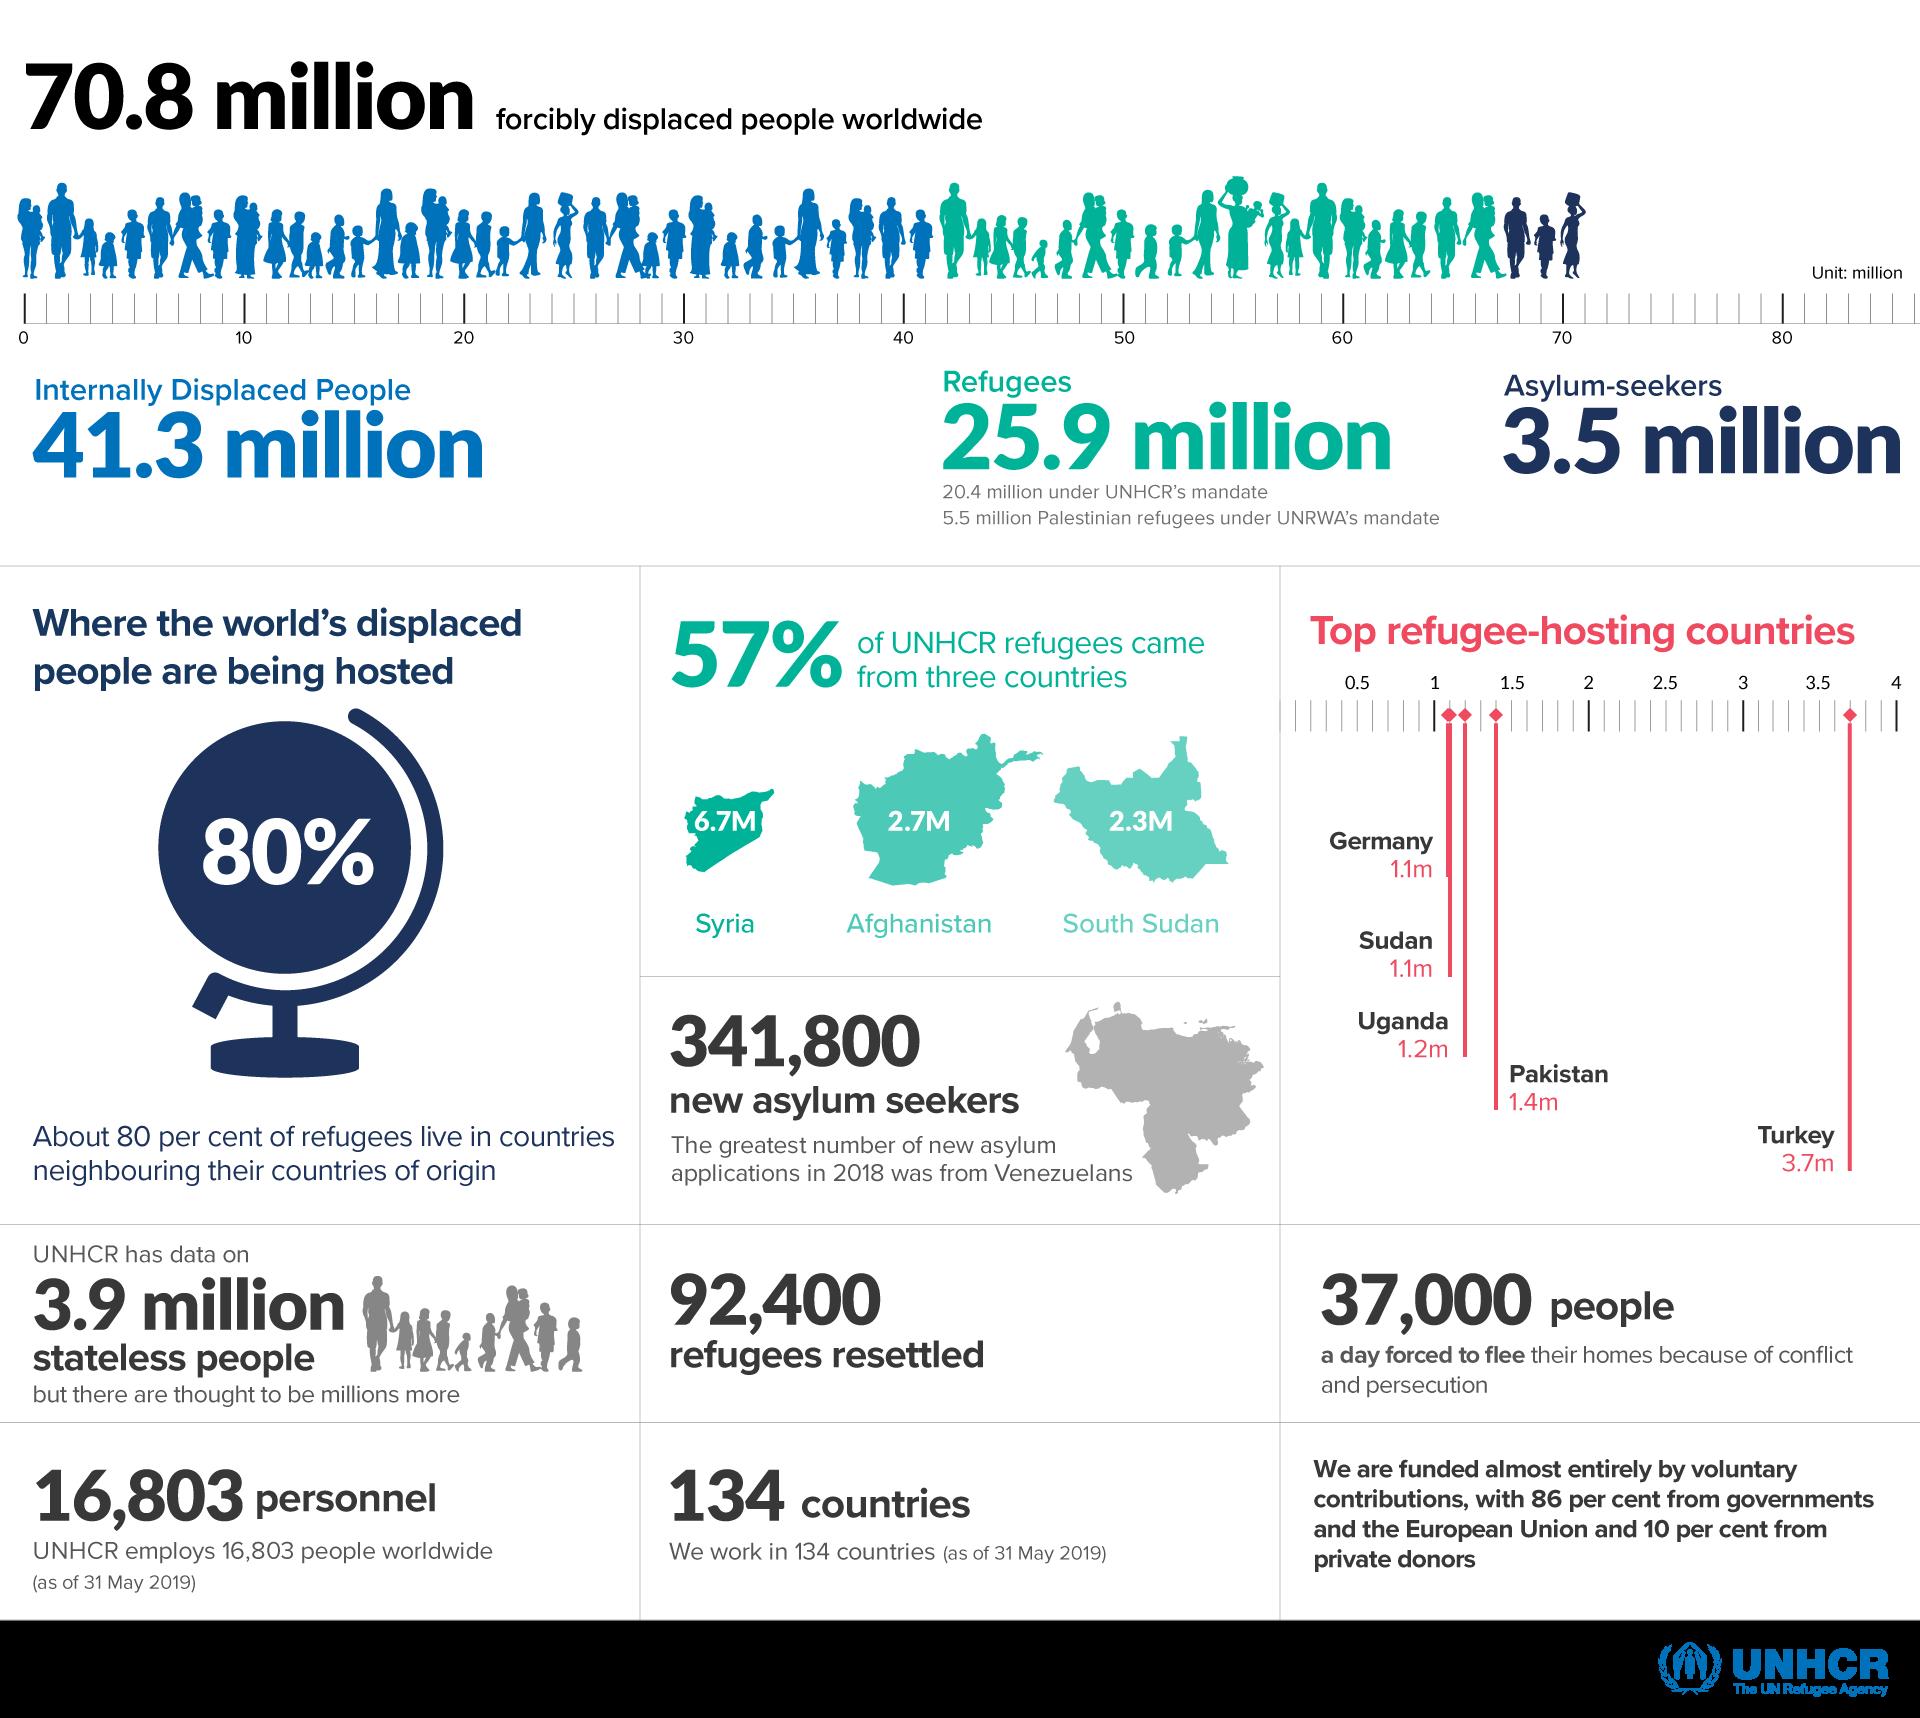 Statistics on displaced people